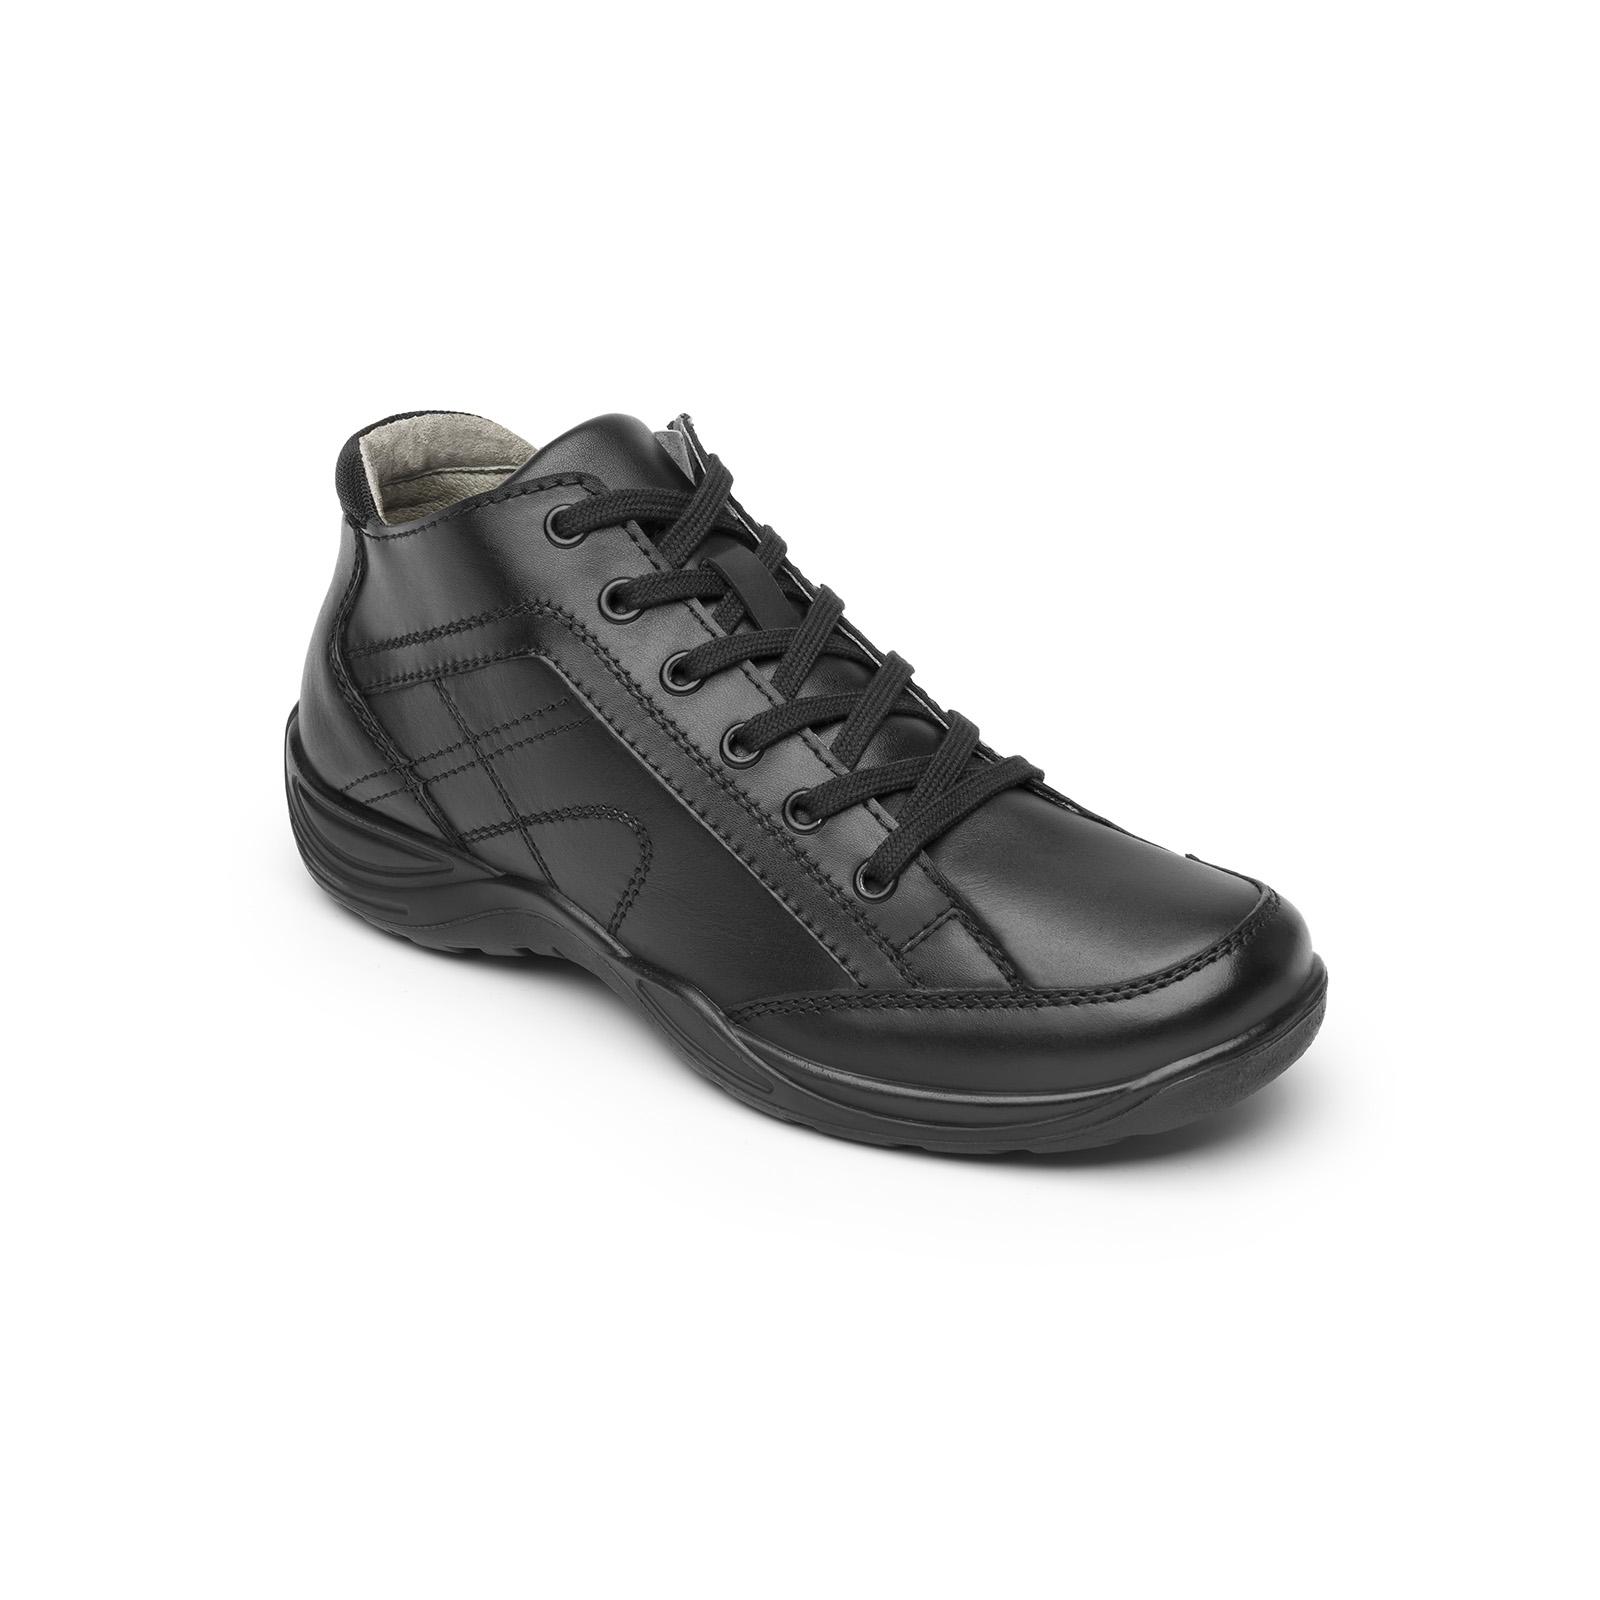 d482d1e73 Zapatos escolares para niño - Zapaterías Flexi México